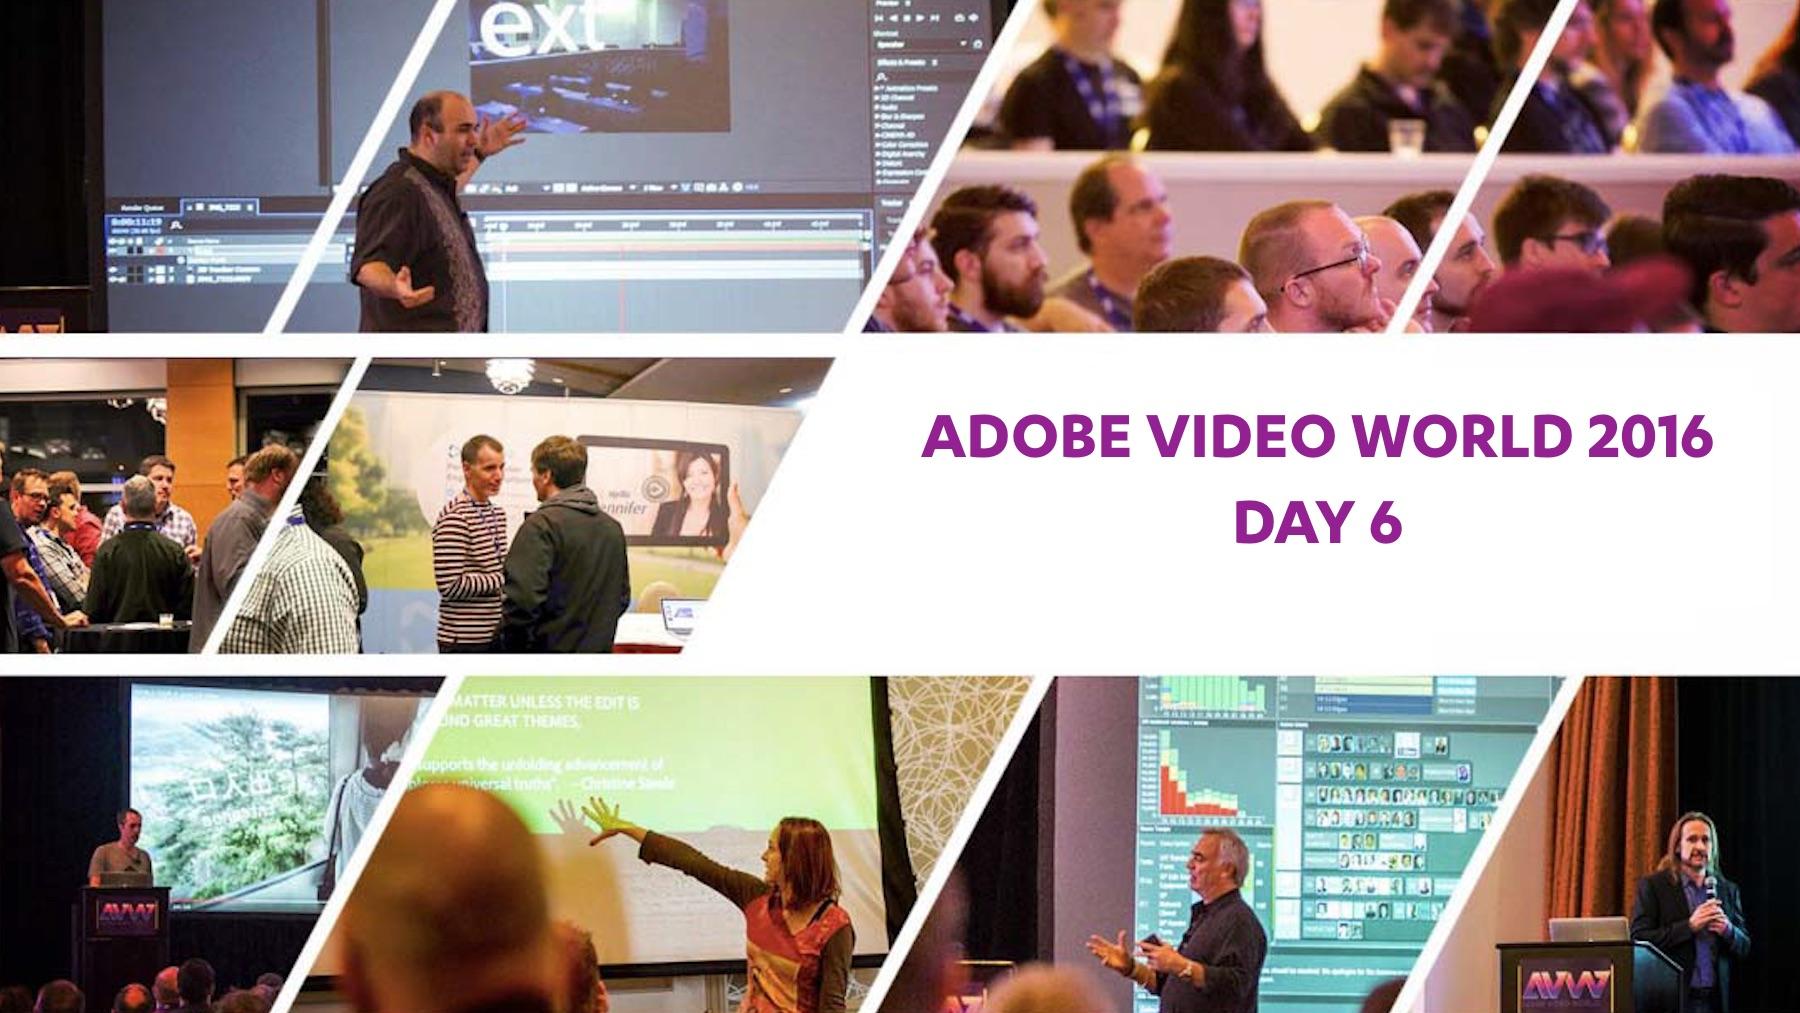 adobe-video-world-2016-day-6